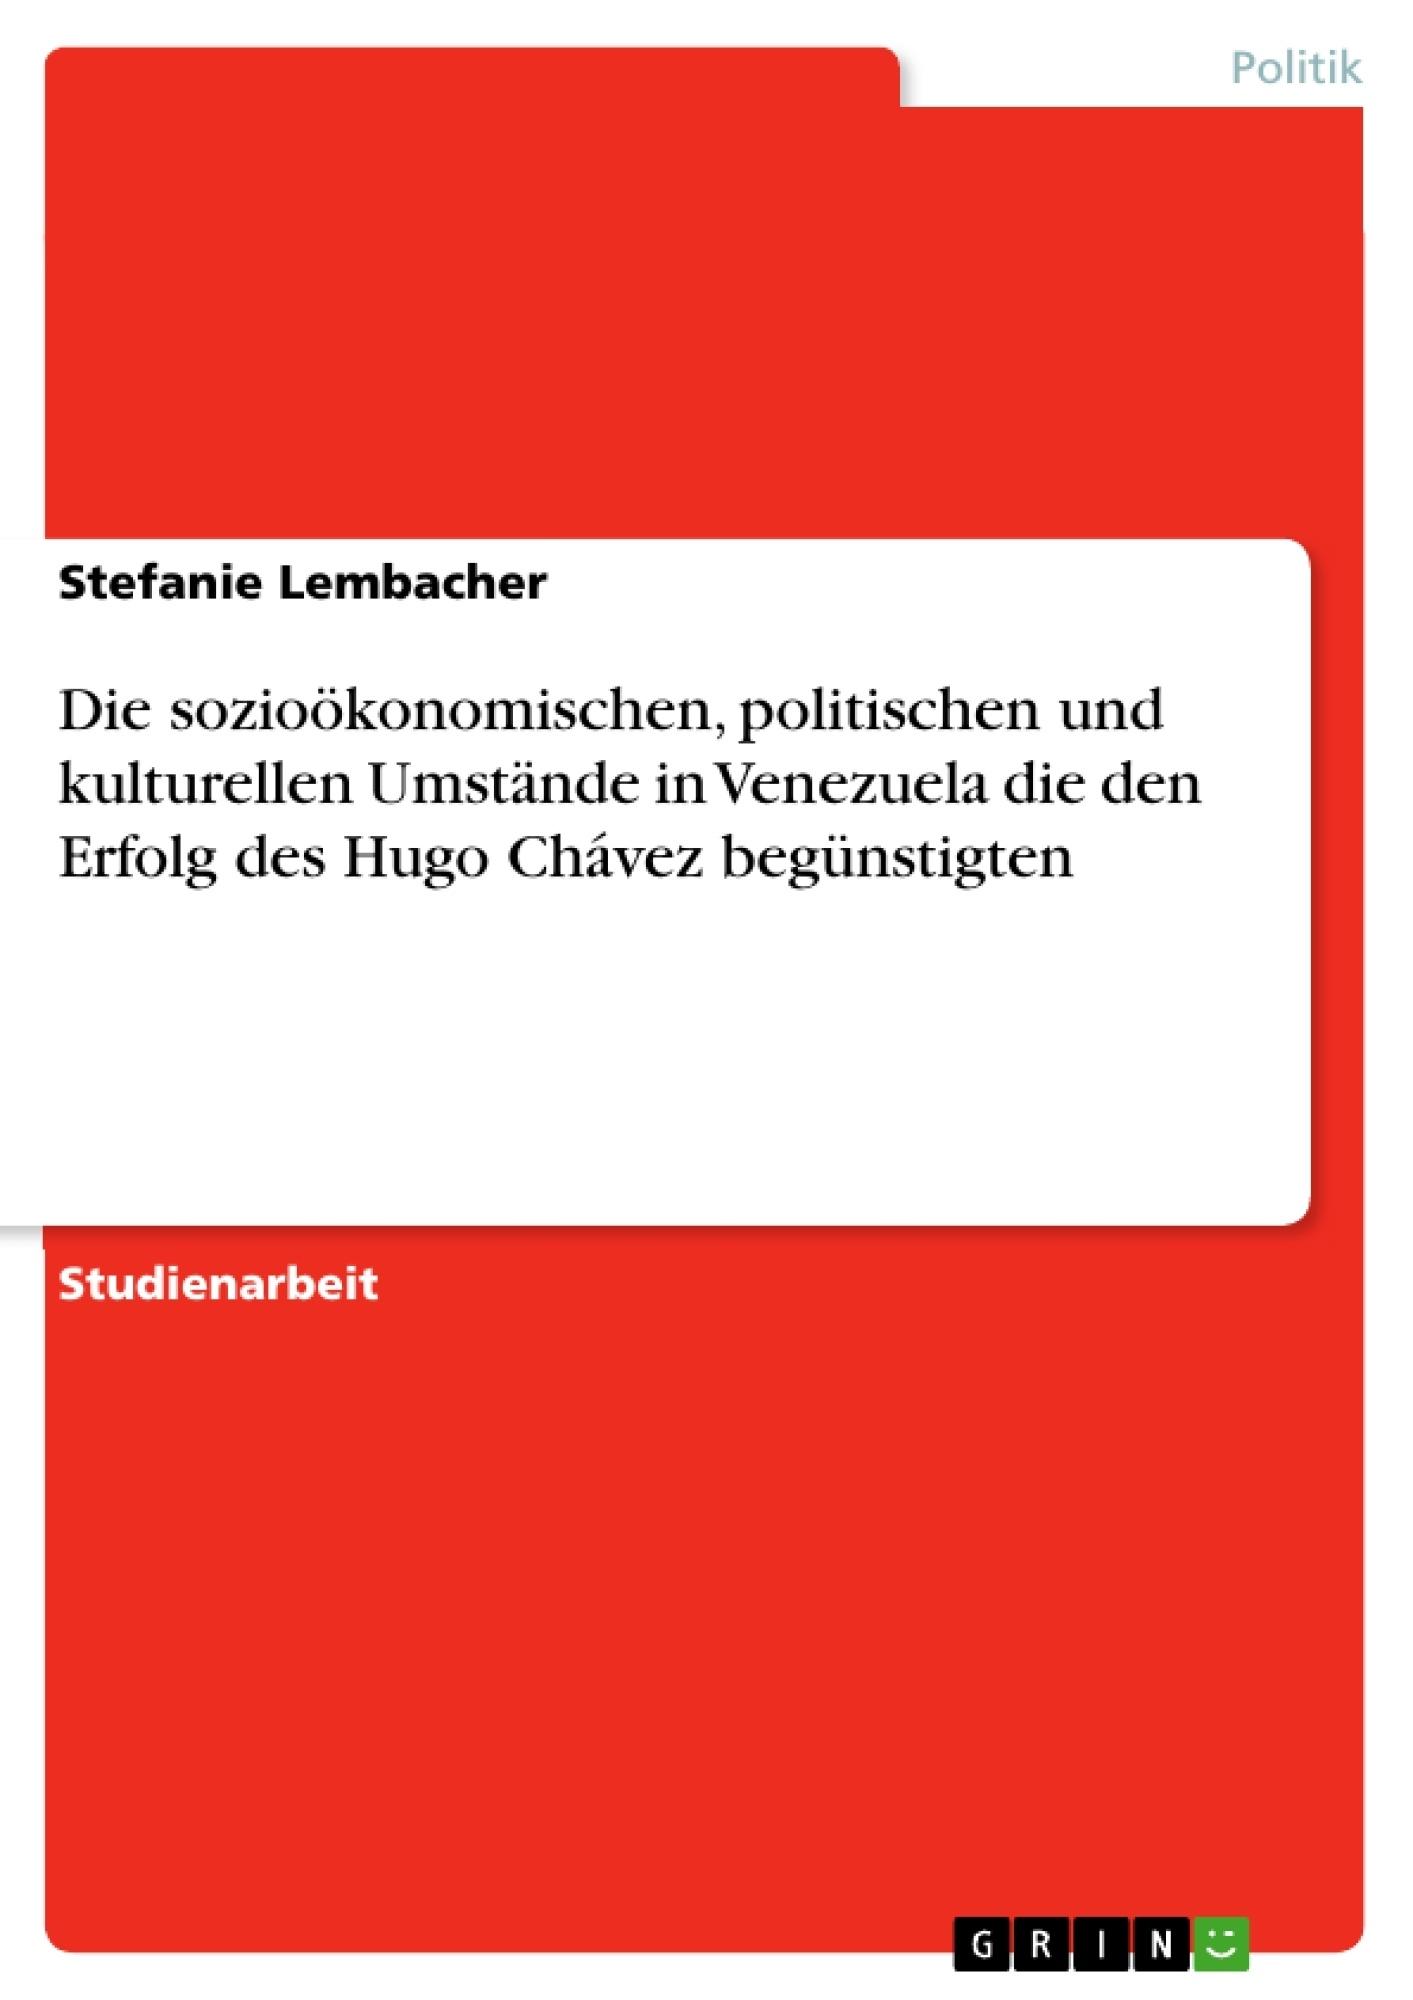 Titel: Die sozioökonomischen, politischen und kulturellen Umstände in Venezuela die den Erfolg des Hugo Chávez begünstigten